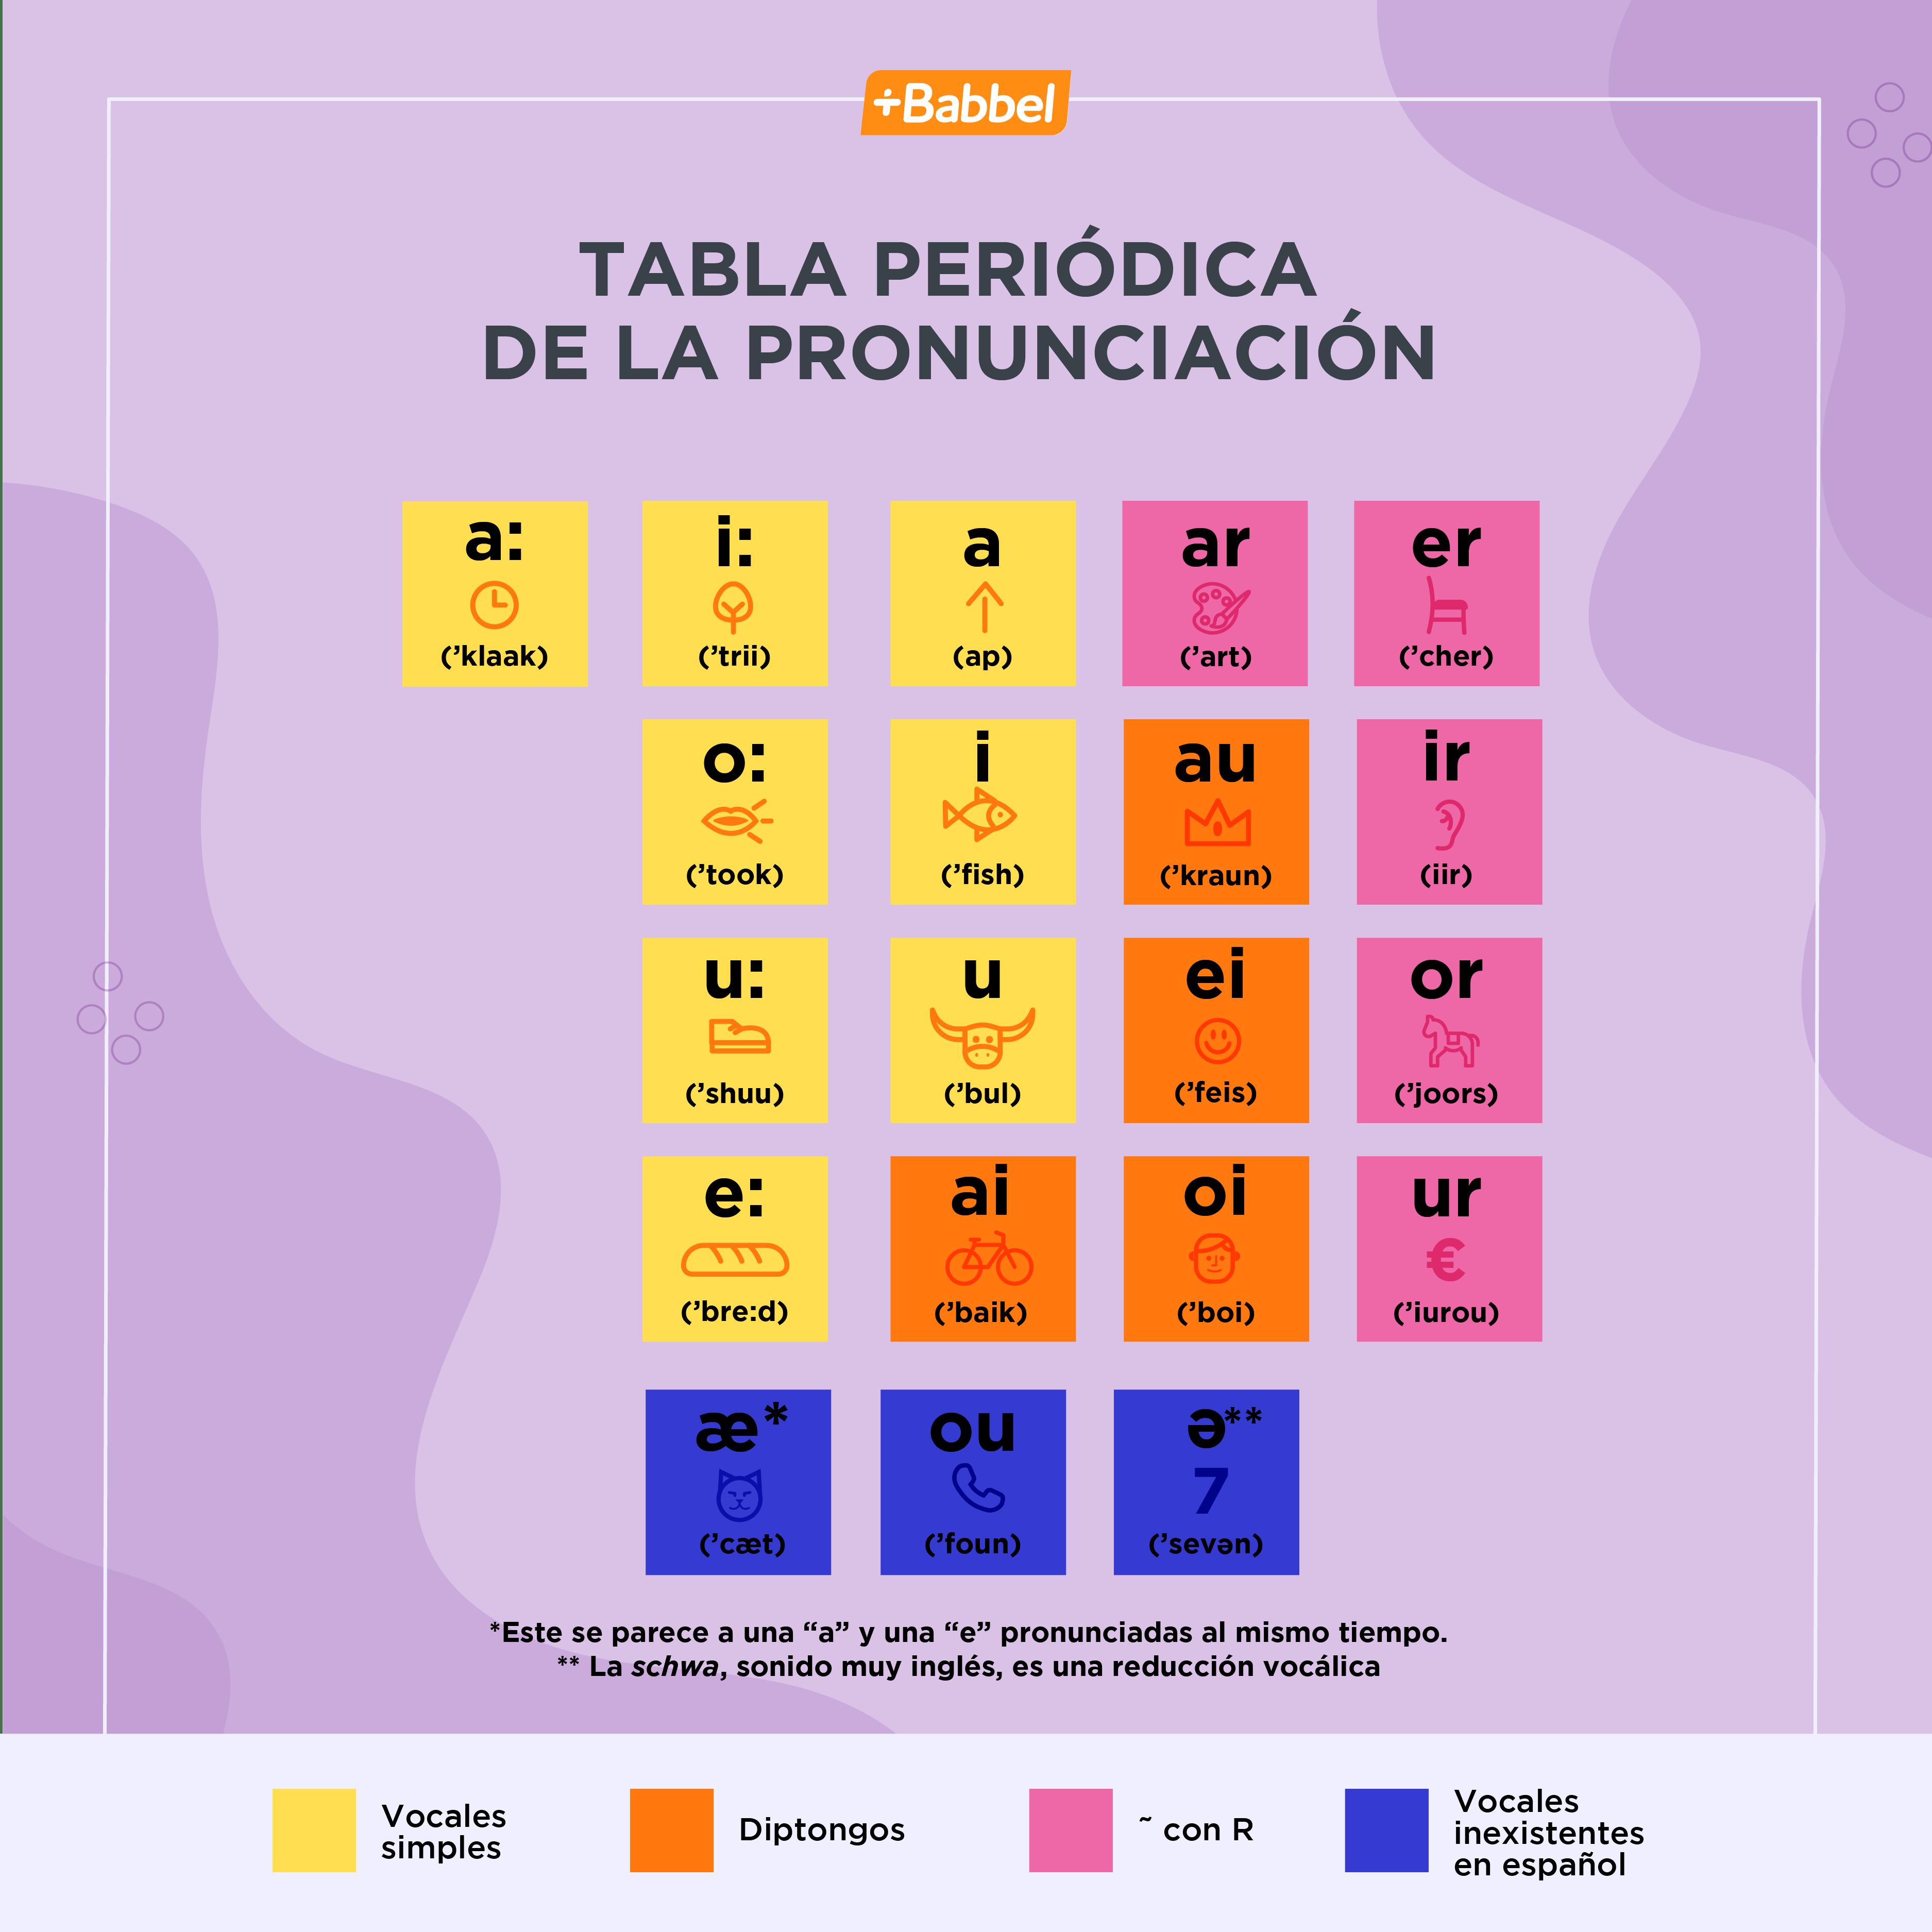 Tabla periódica de la pronunciación de las vocales en inglés